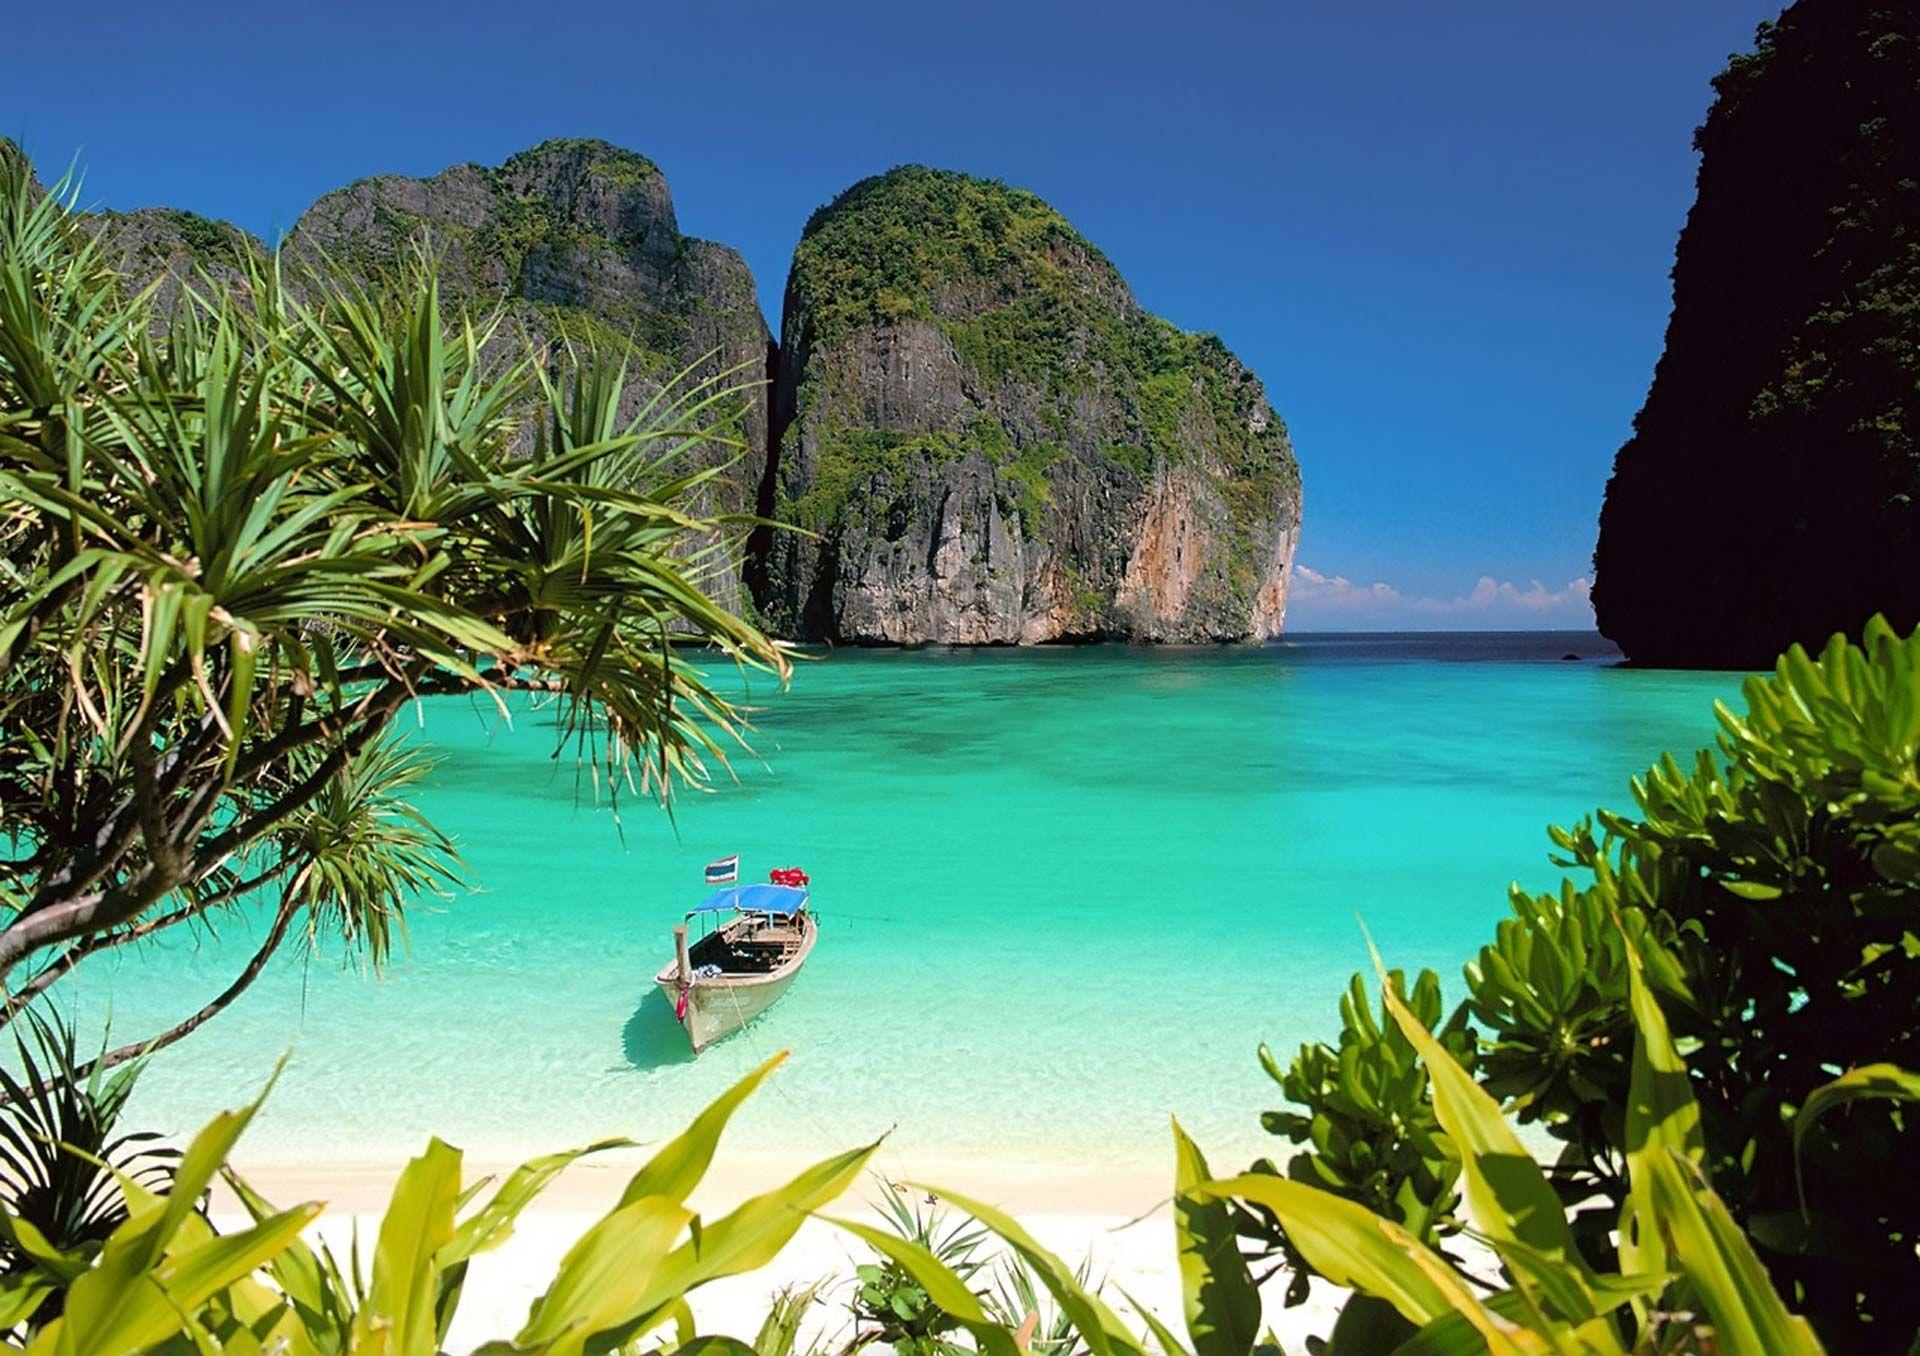 Fondo Pantalla Paisaje Playa Tailandia